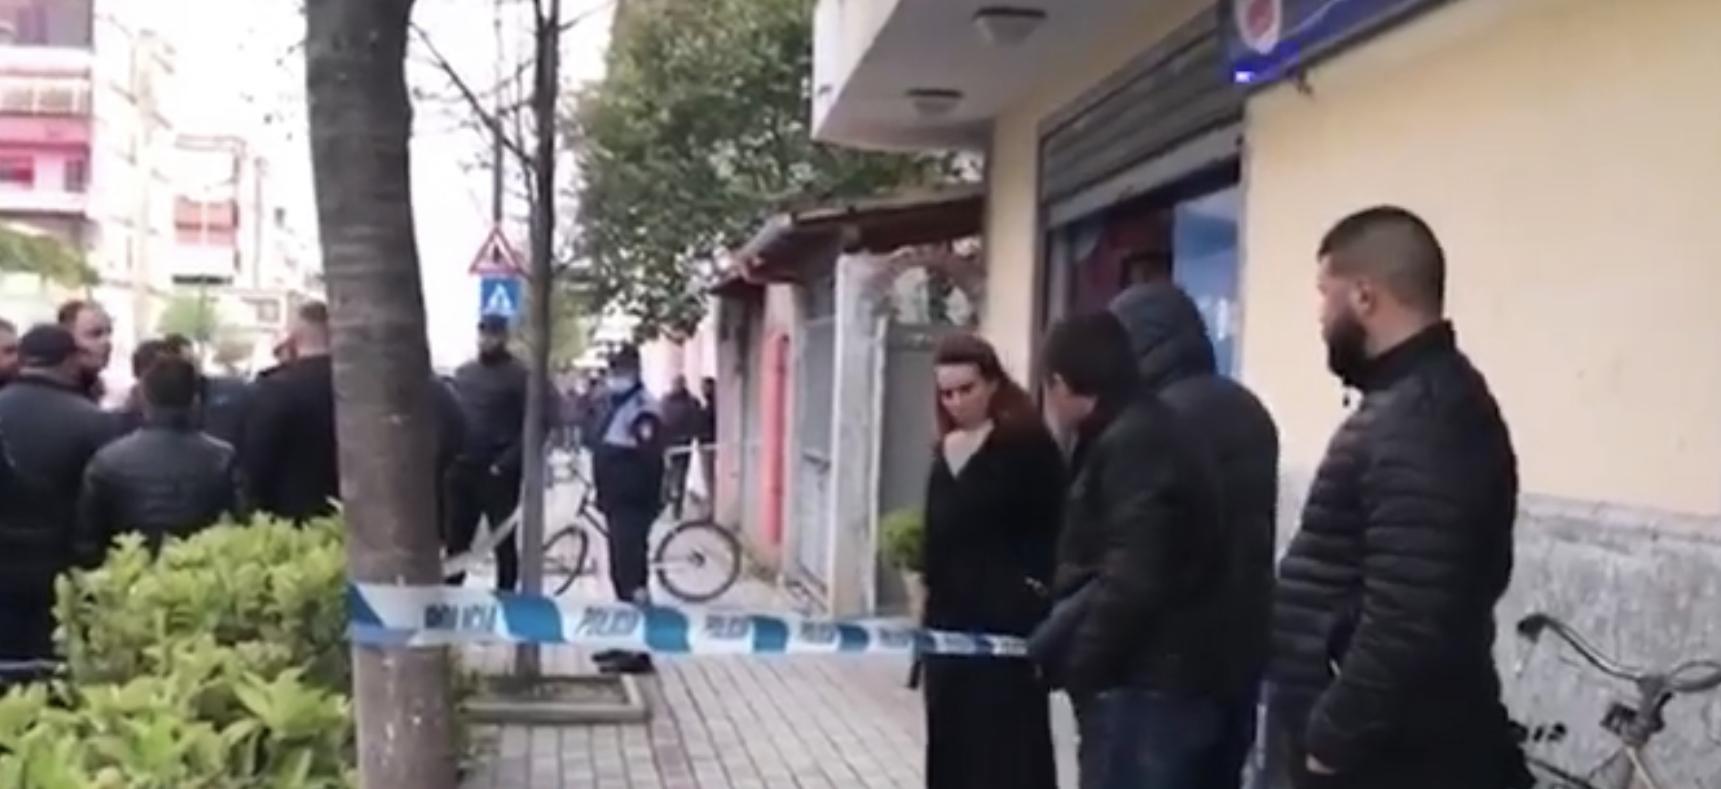 Zbulohet kush është i plagosuri në selinë e PD në Kavajë, Grida Duma ndodhej pranë zyrës, Basha niset me urgjencë nga Tirana